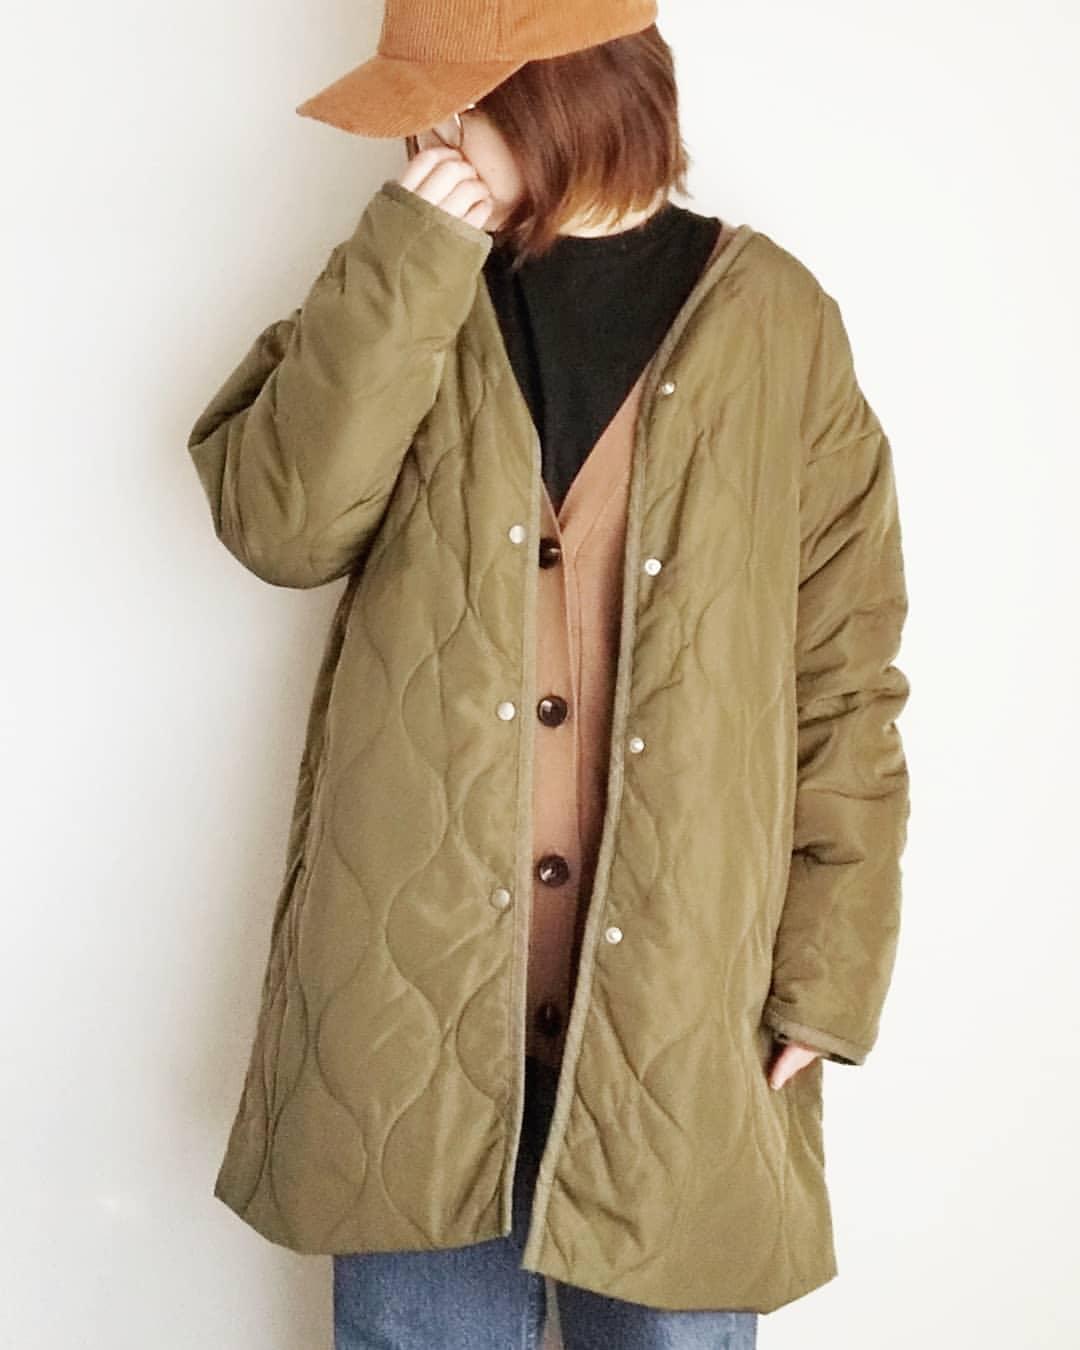 最高気温10度・最低気温6度 yoco_145cmの服装